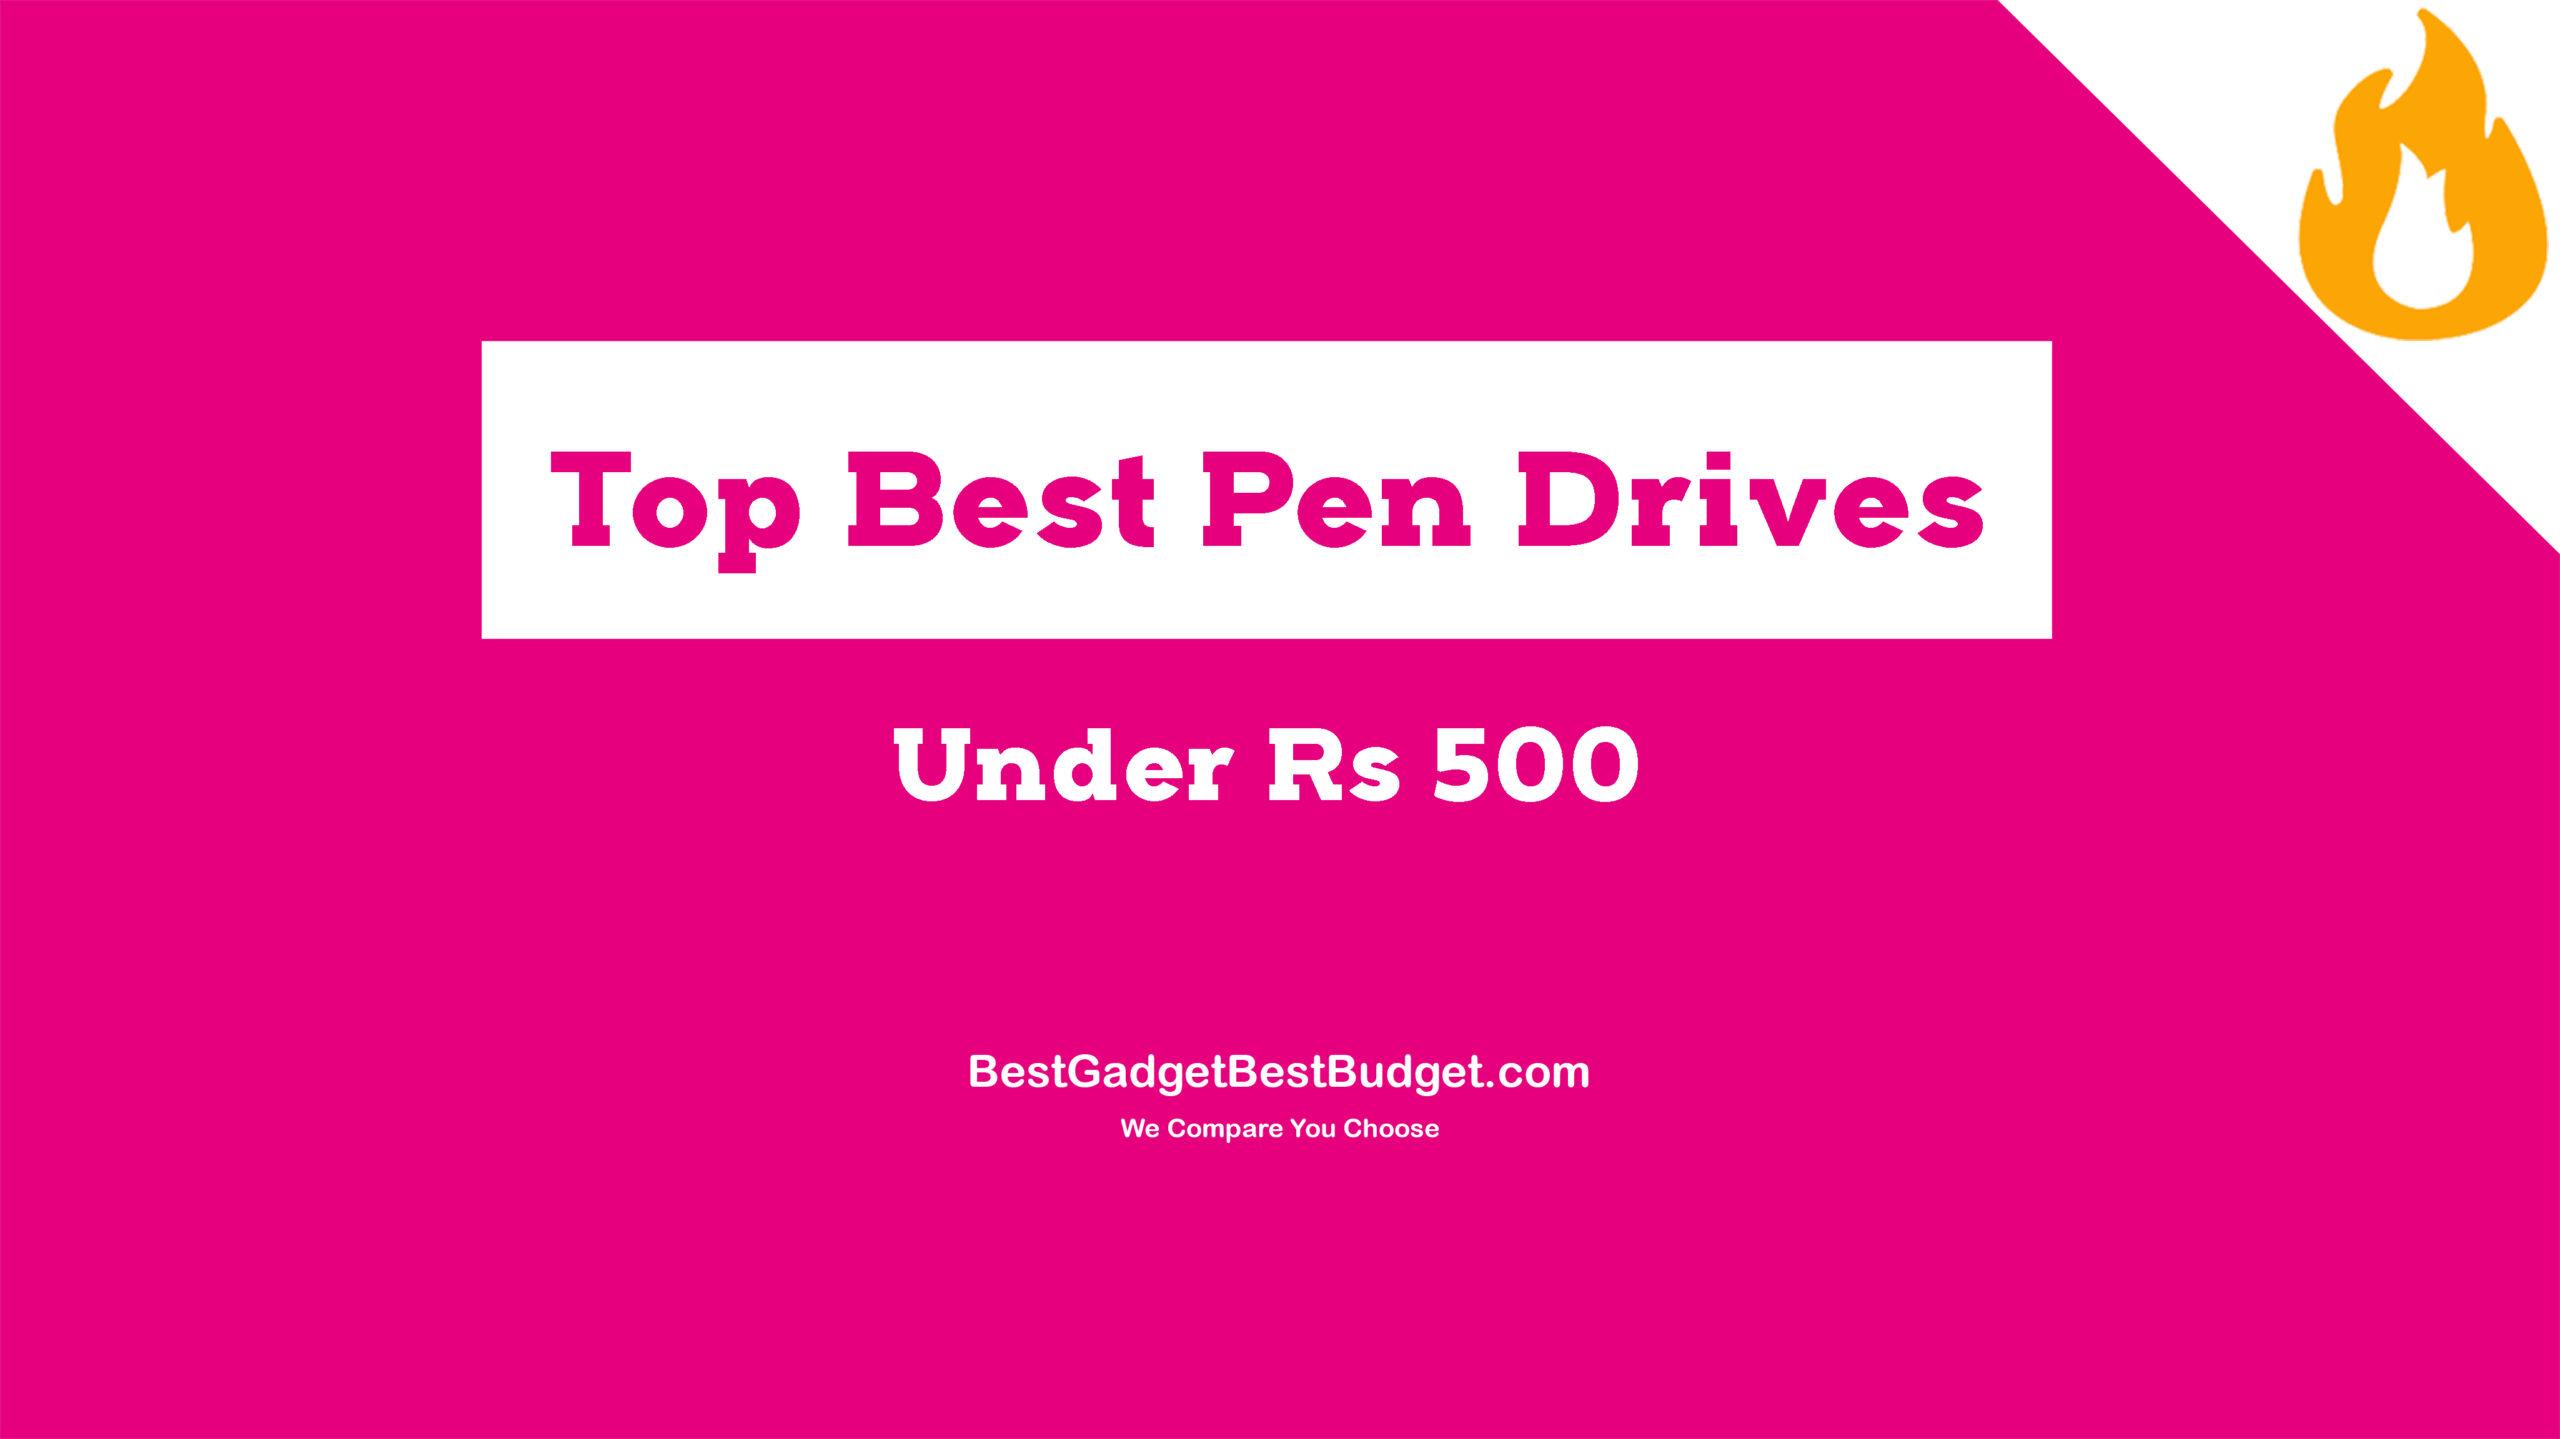 Pen drive under 500